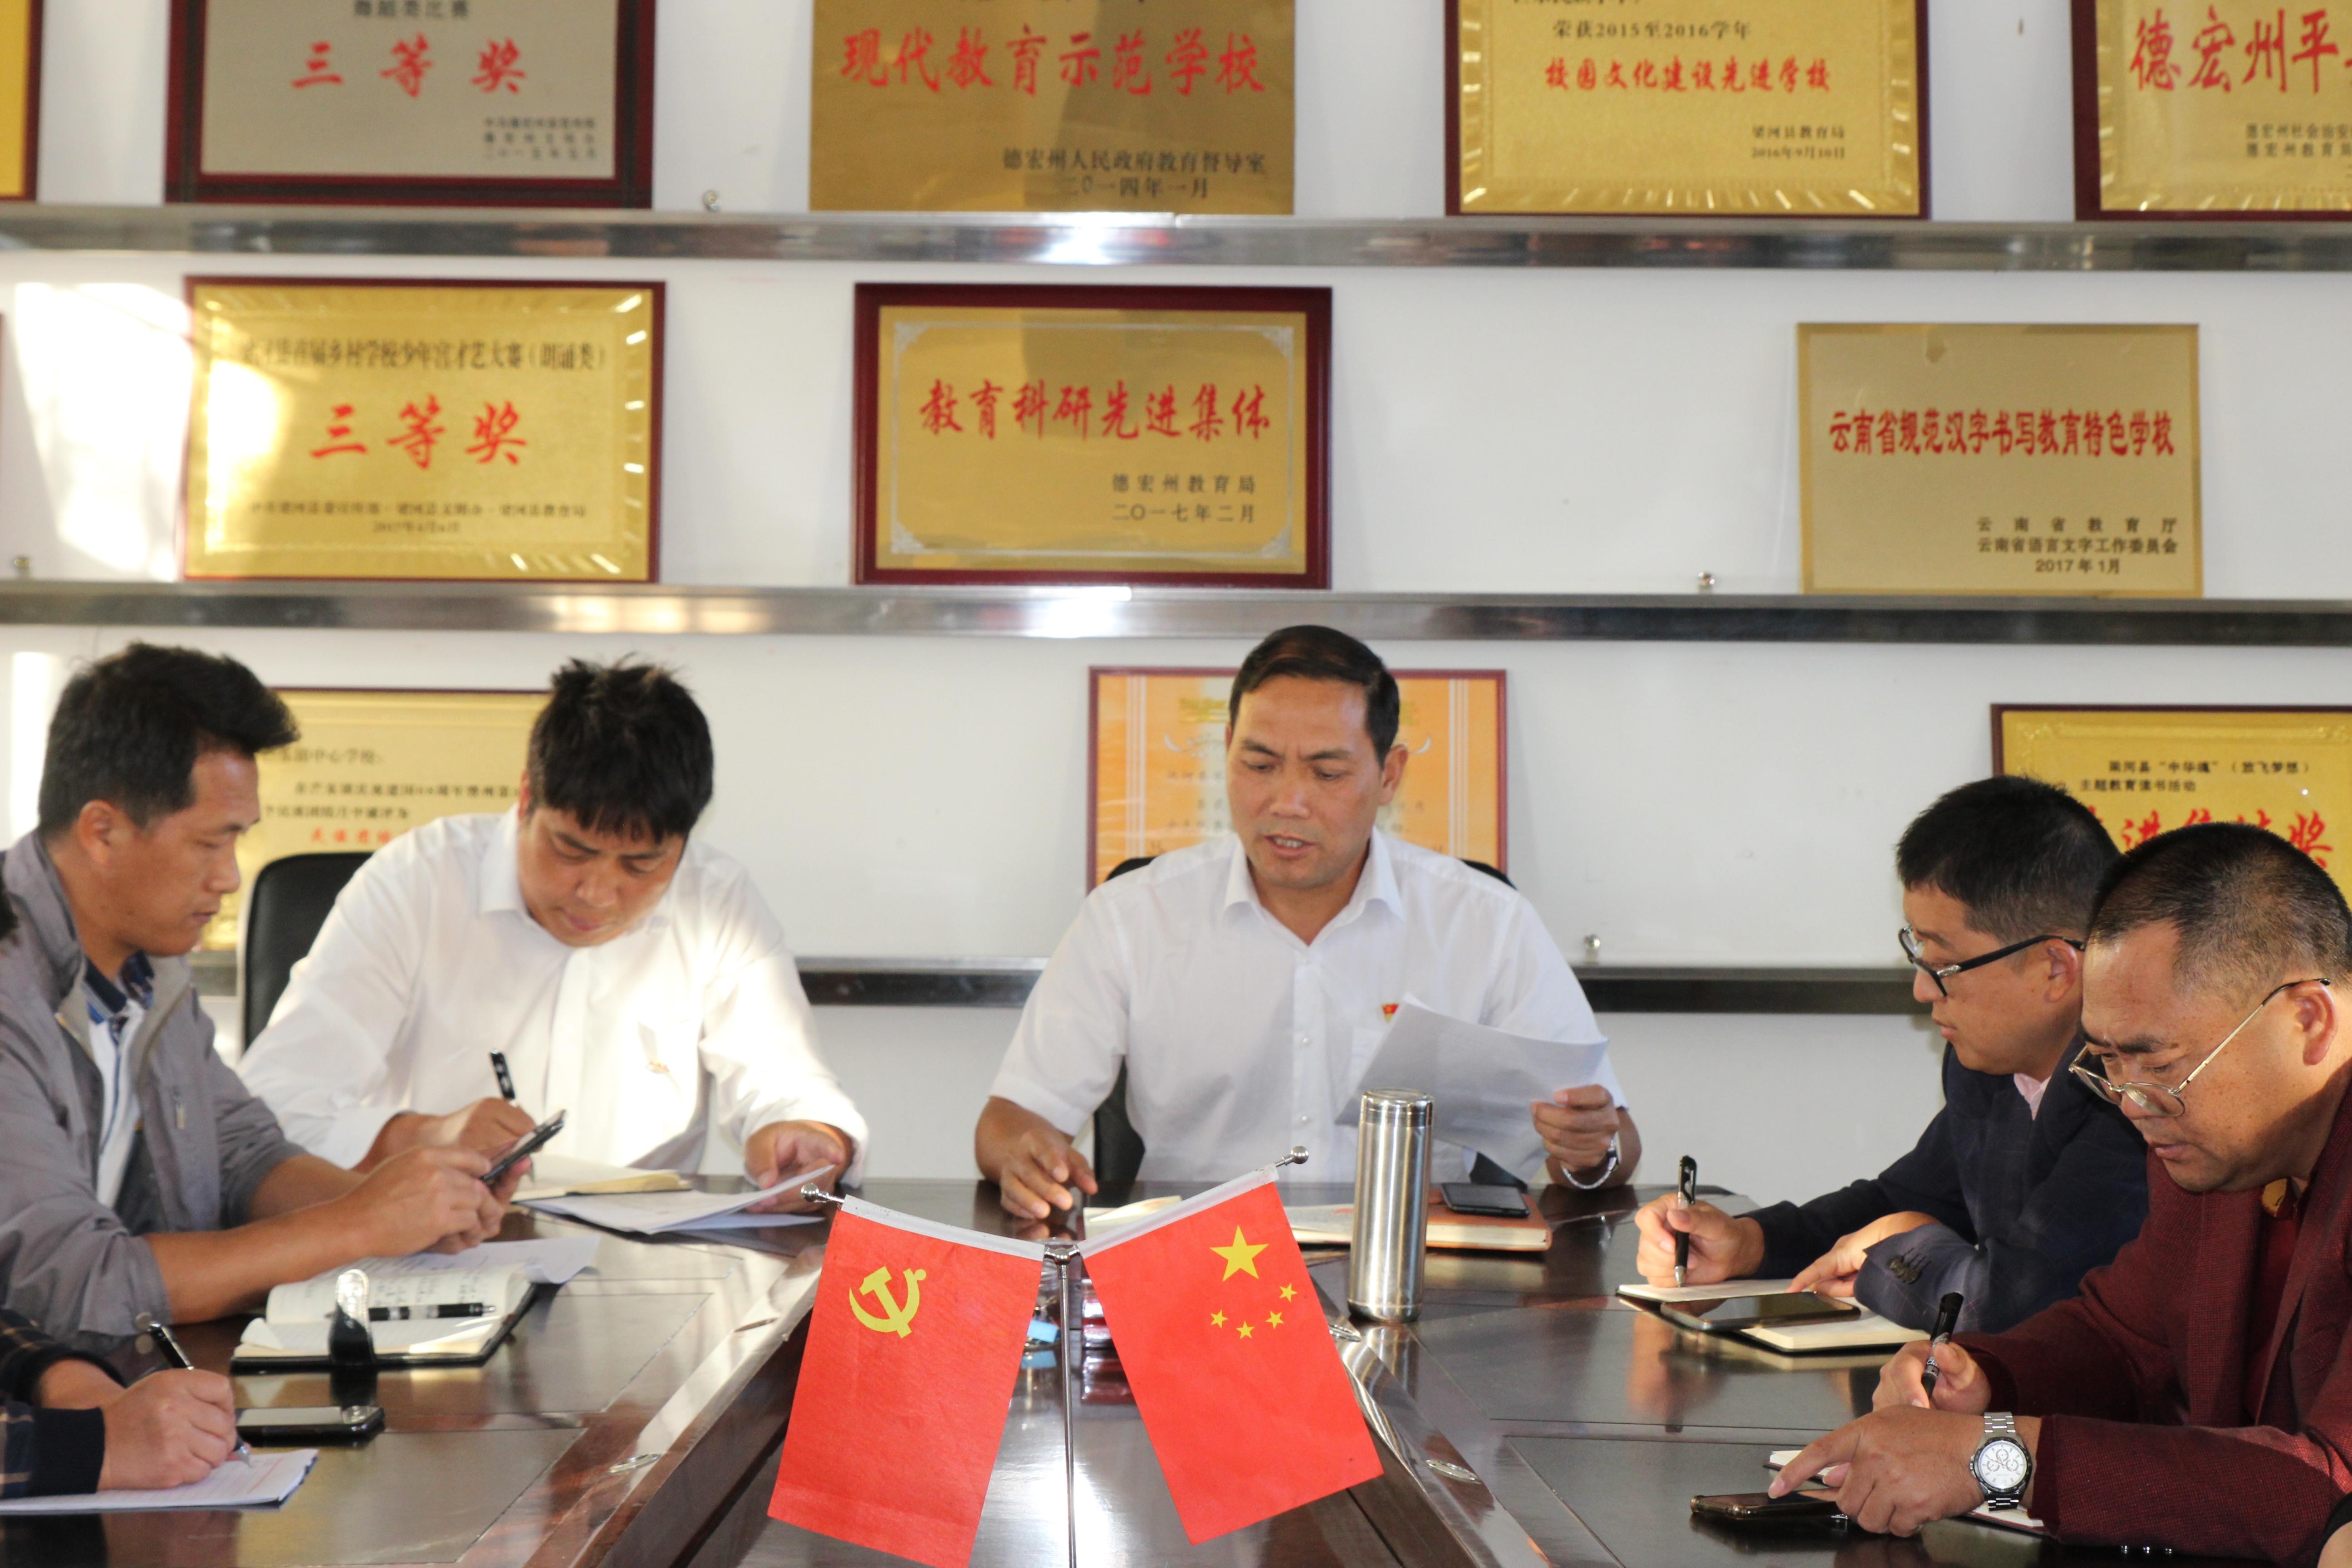 中共梁河县芒东镇中心学校支部召开党小组会议